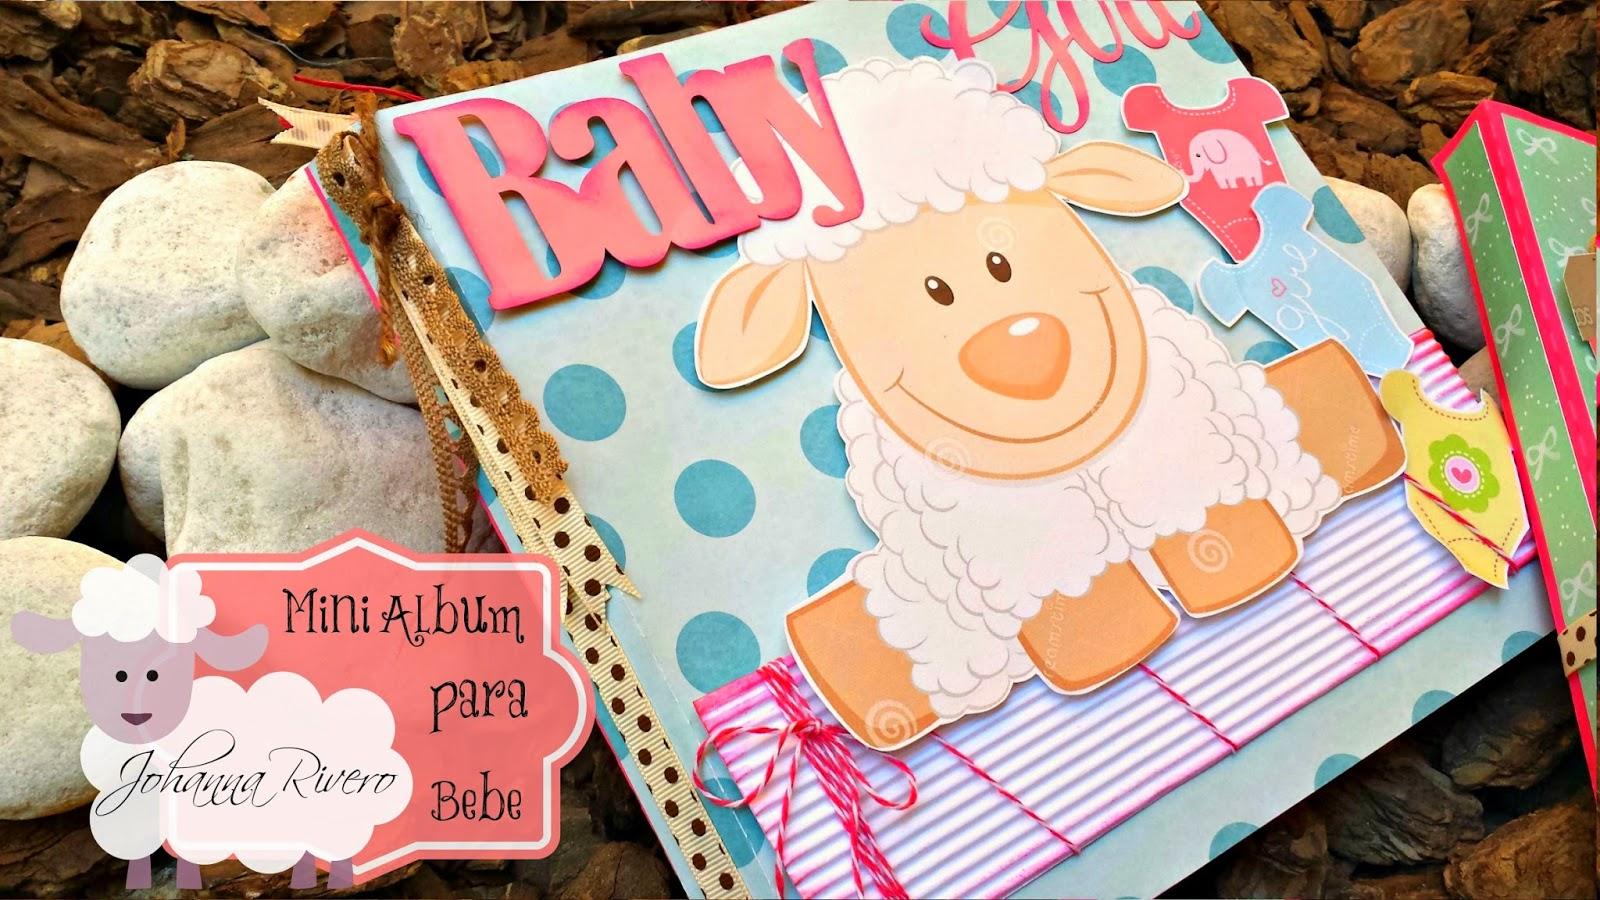 Bellas y creativas septiembre 2014 - Como hacer un album de fotos a mano para ninos ...